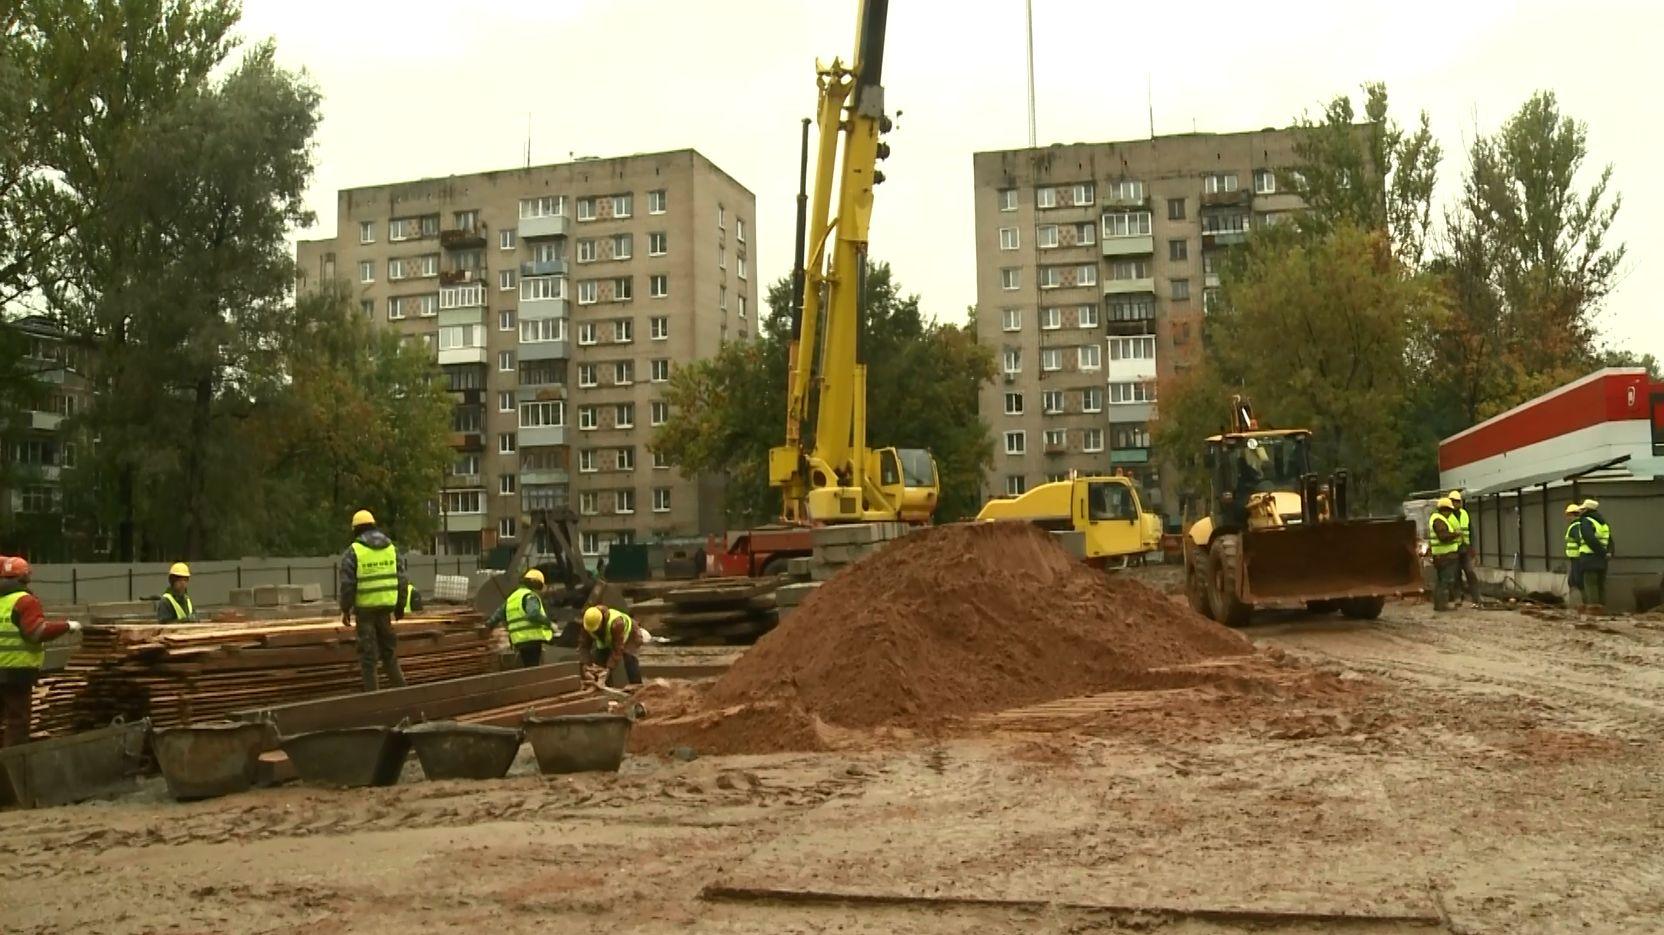 В Ярославле на проспекте Дзержинского продолжаются работы над новостройкой для жителей аварийного фонда